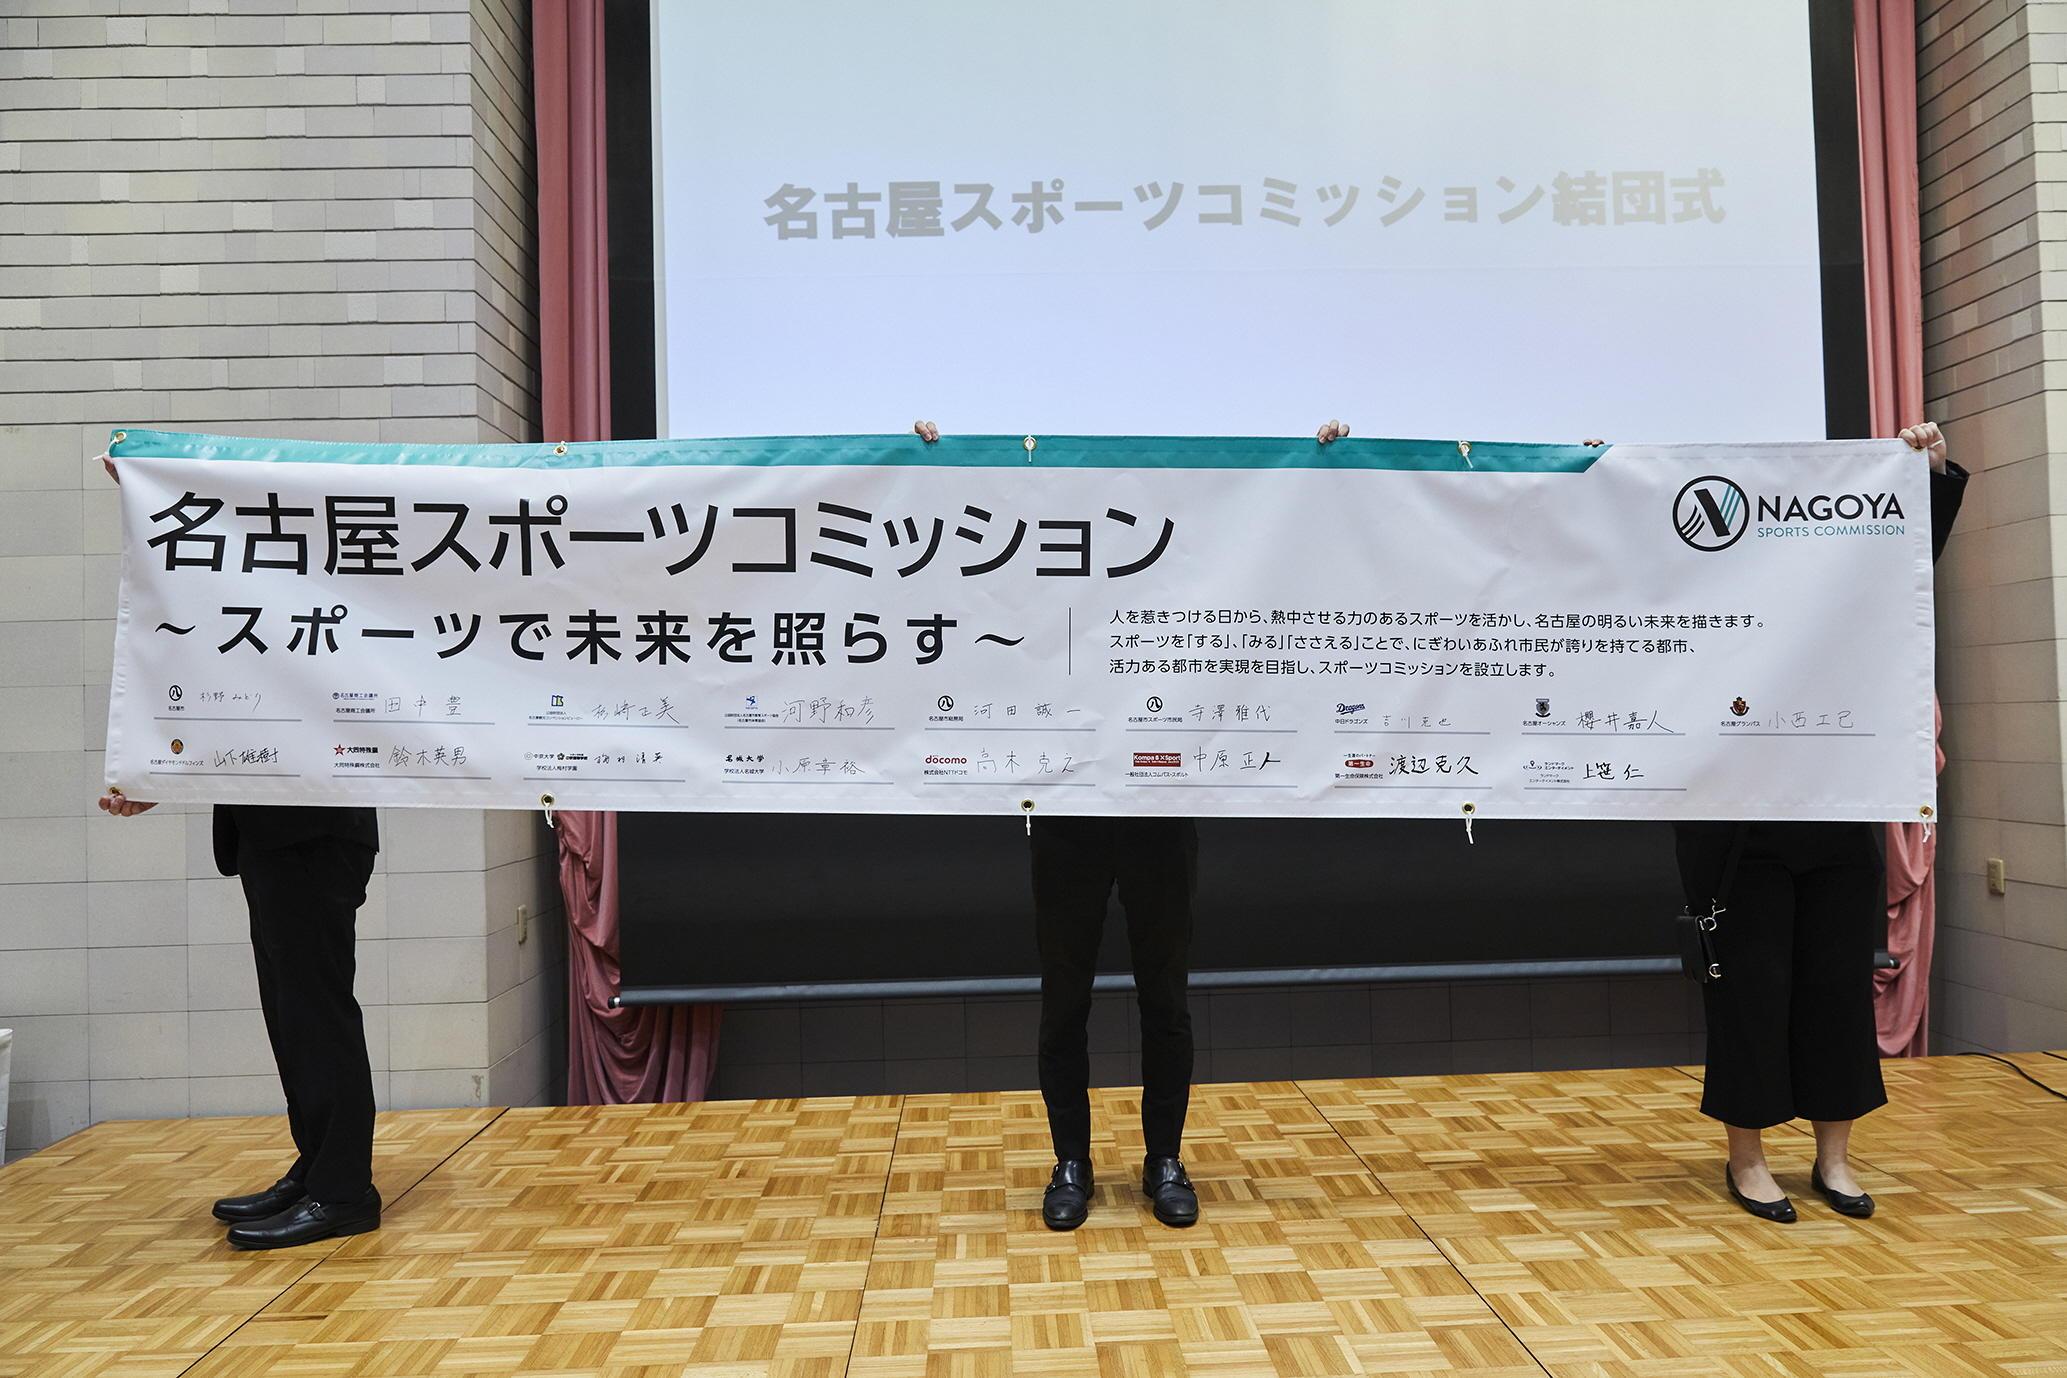 名古屋スポーツコミッション設立 産官学が連携してスポーツ振興